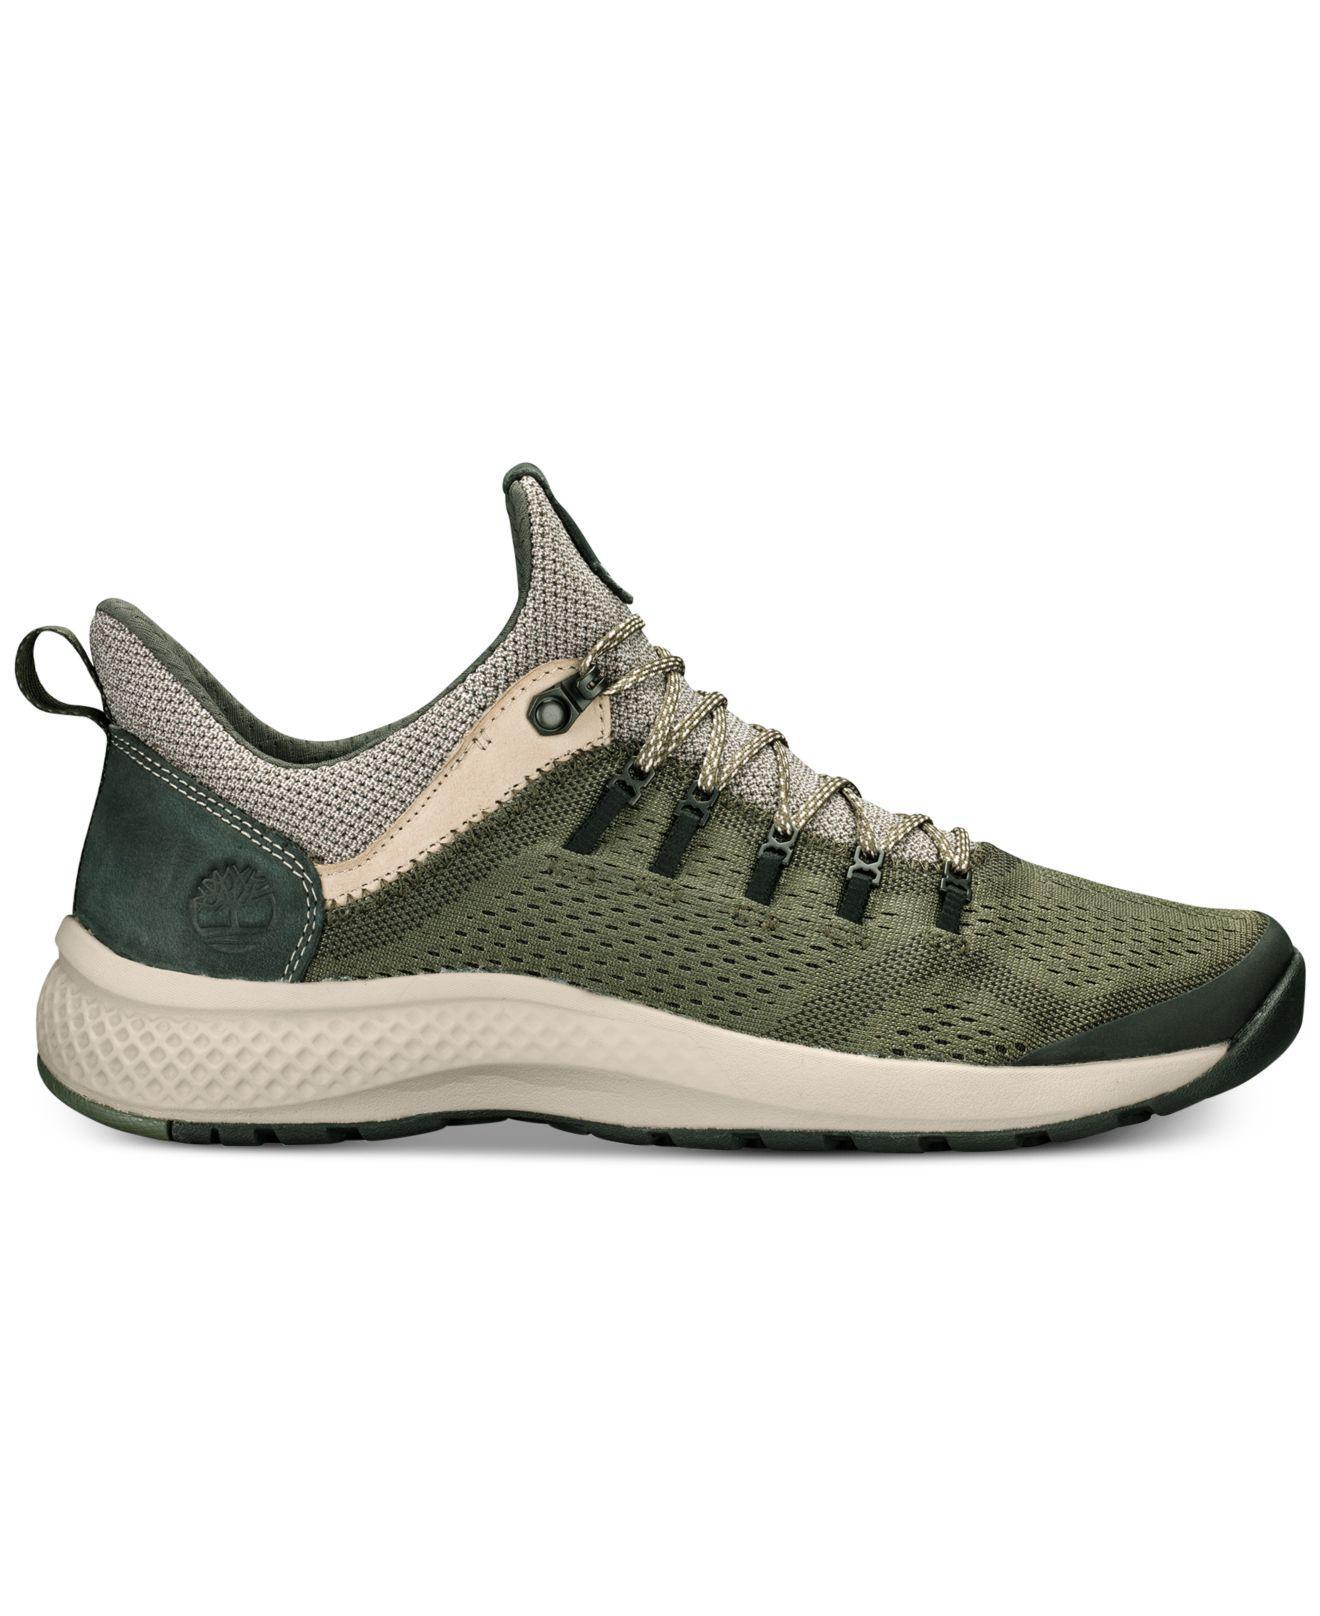 Flyroam Trail Low Shoe in Dark Green